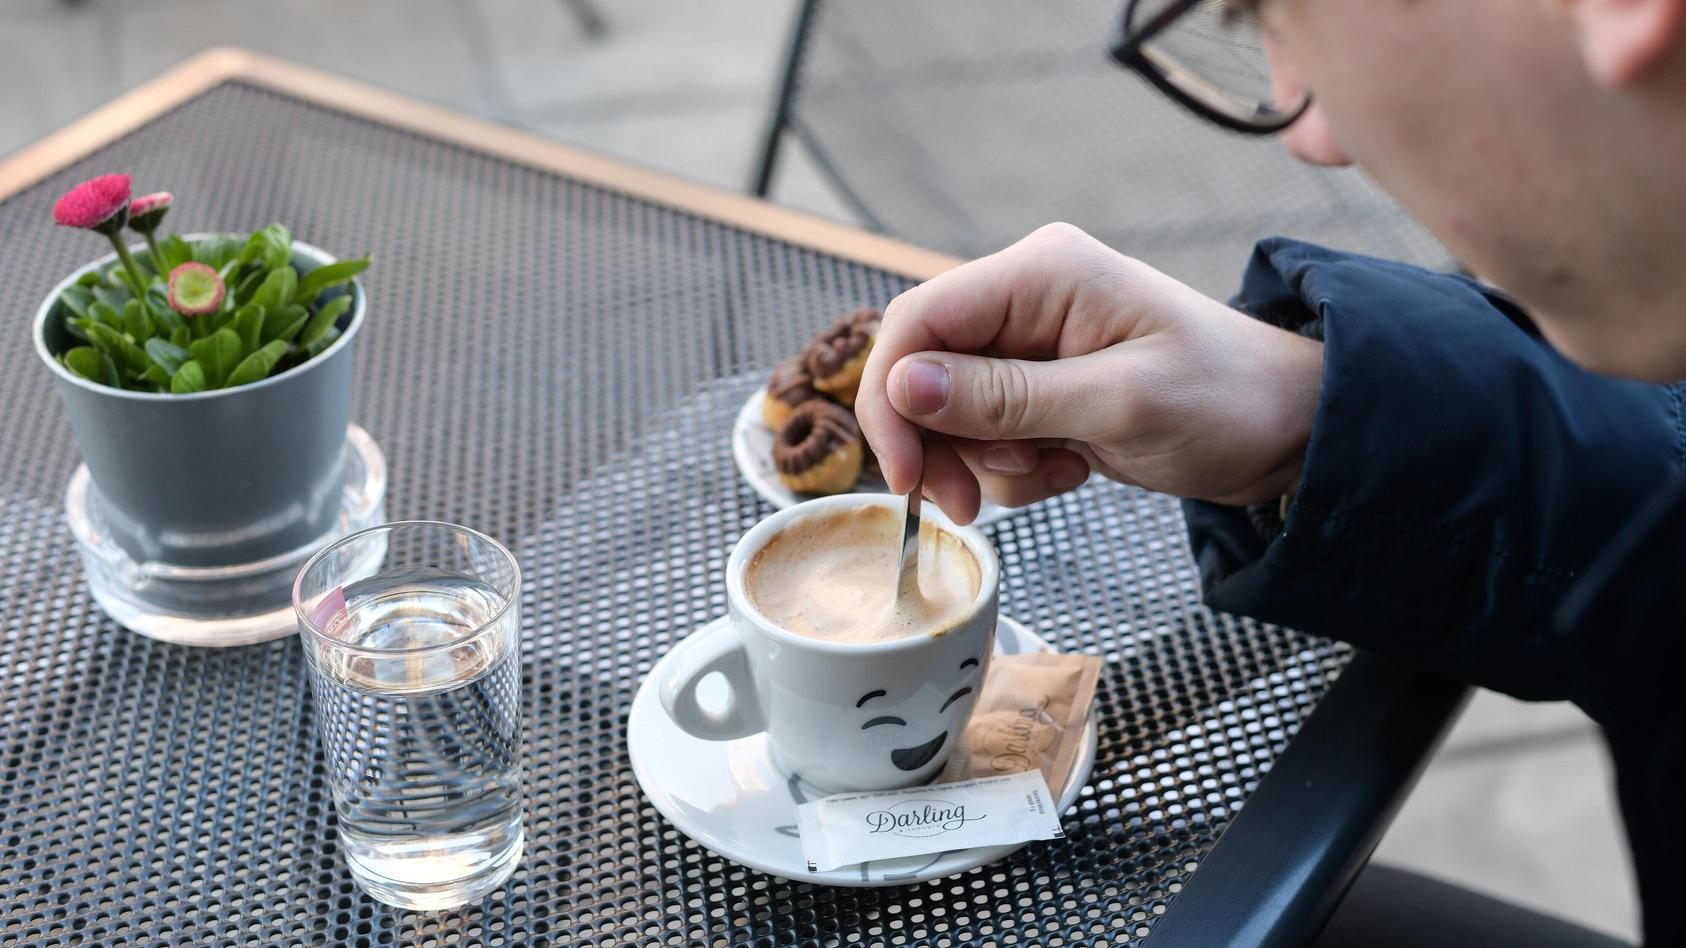 Die Vorliebe für Kaffee wirkt sich auch auf andere Aspekte des Lebens aus.